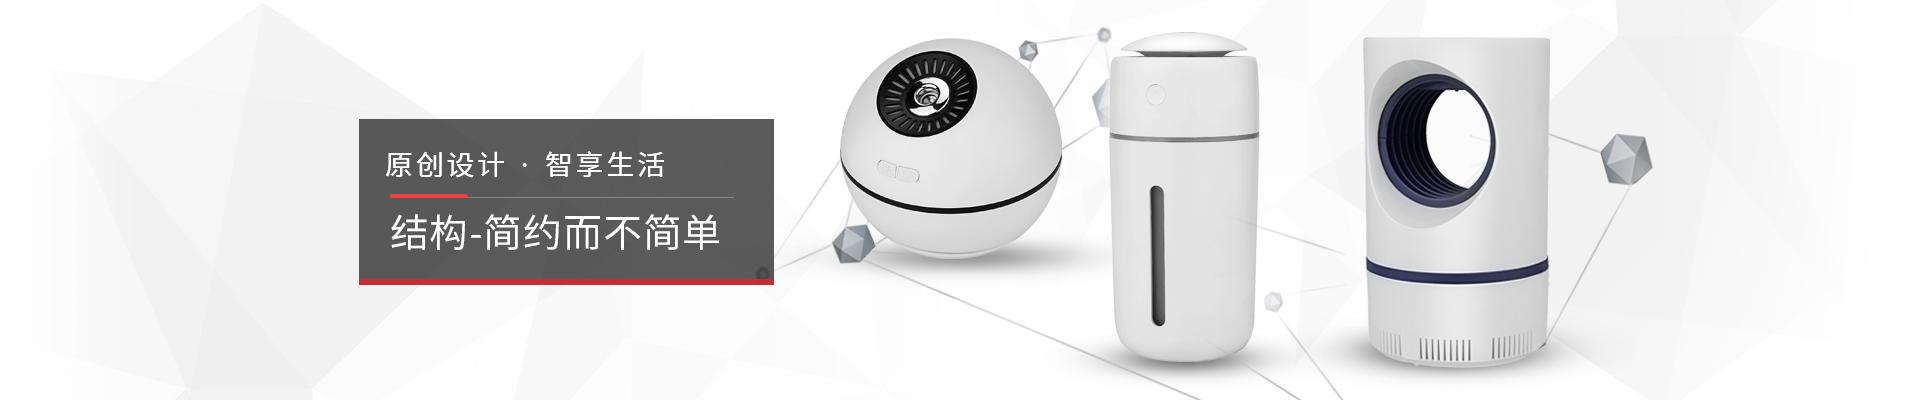 马驰科-小家电,原创设计,智享生活